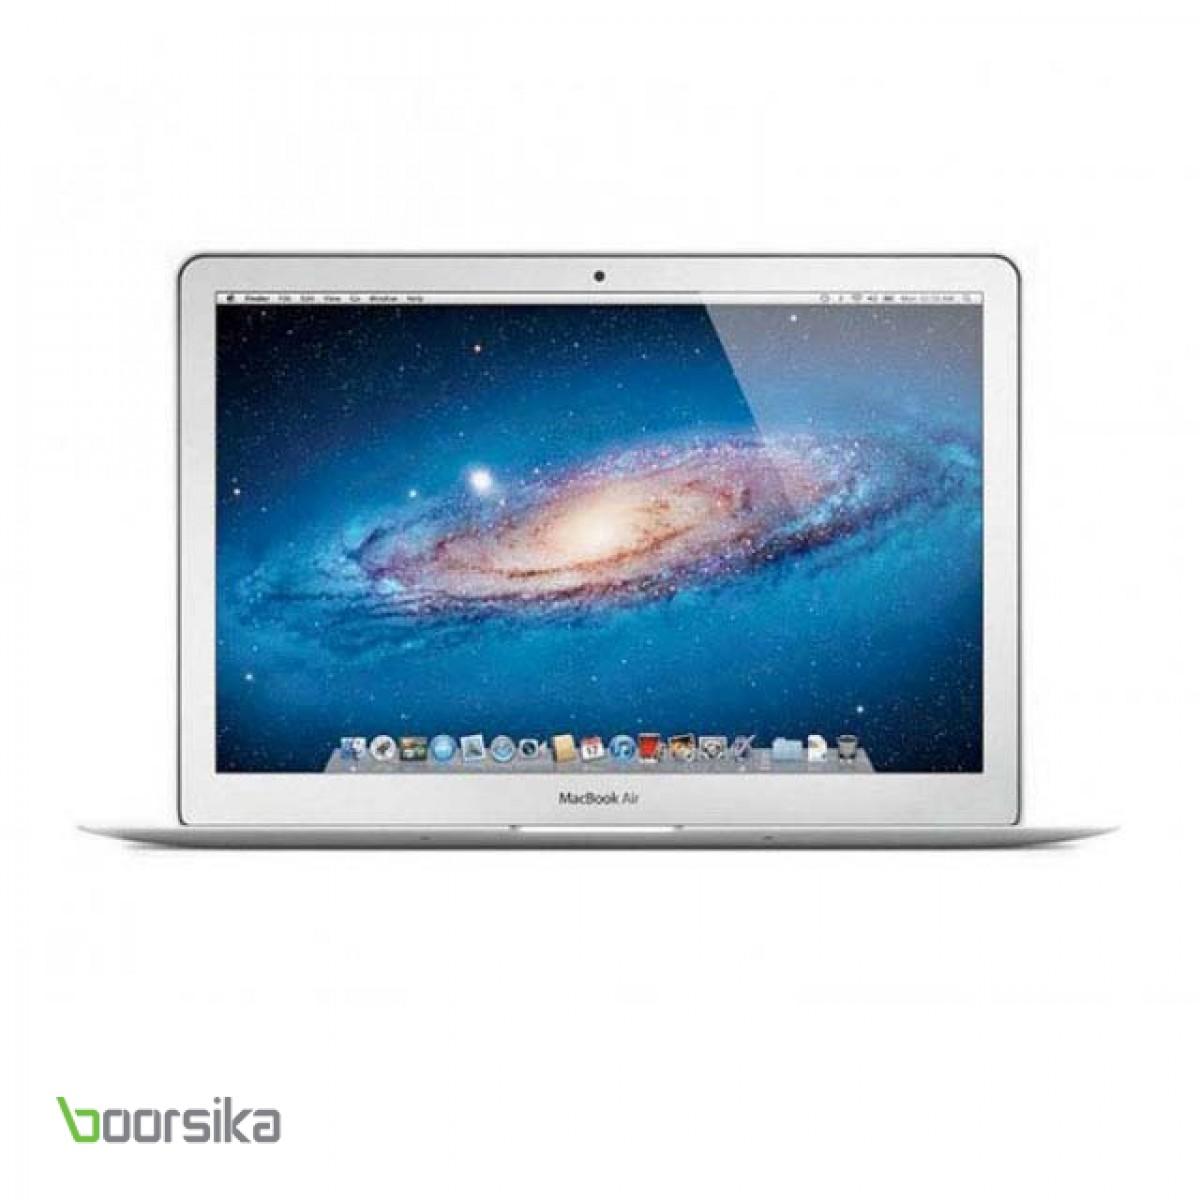 لپ تاپ 13 اينچي اپل مدل MacBook Air MD760B 2014